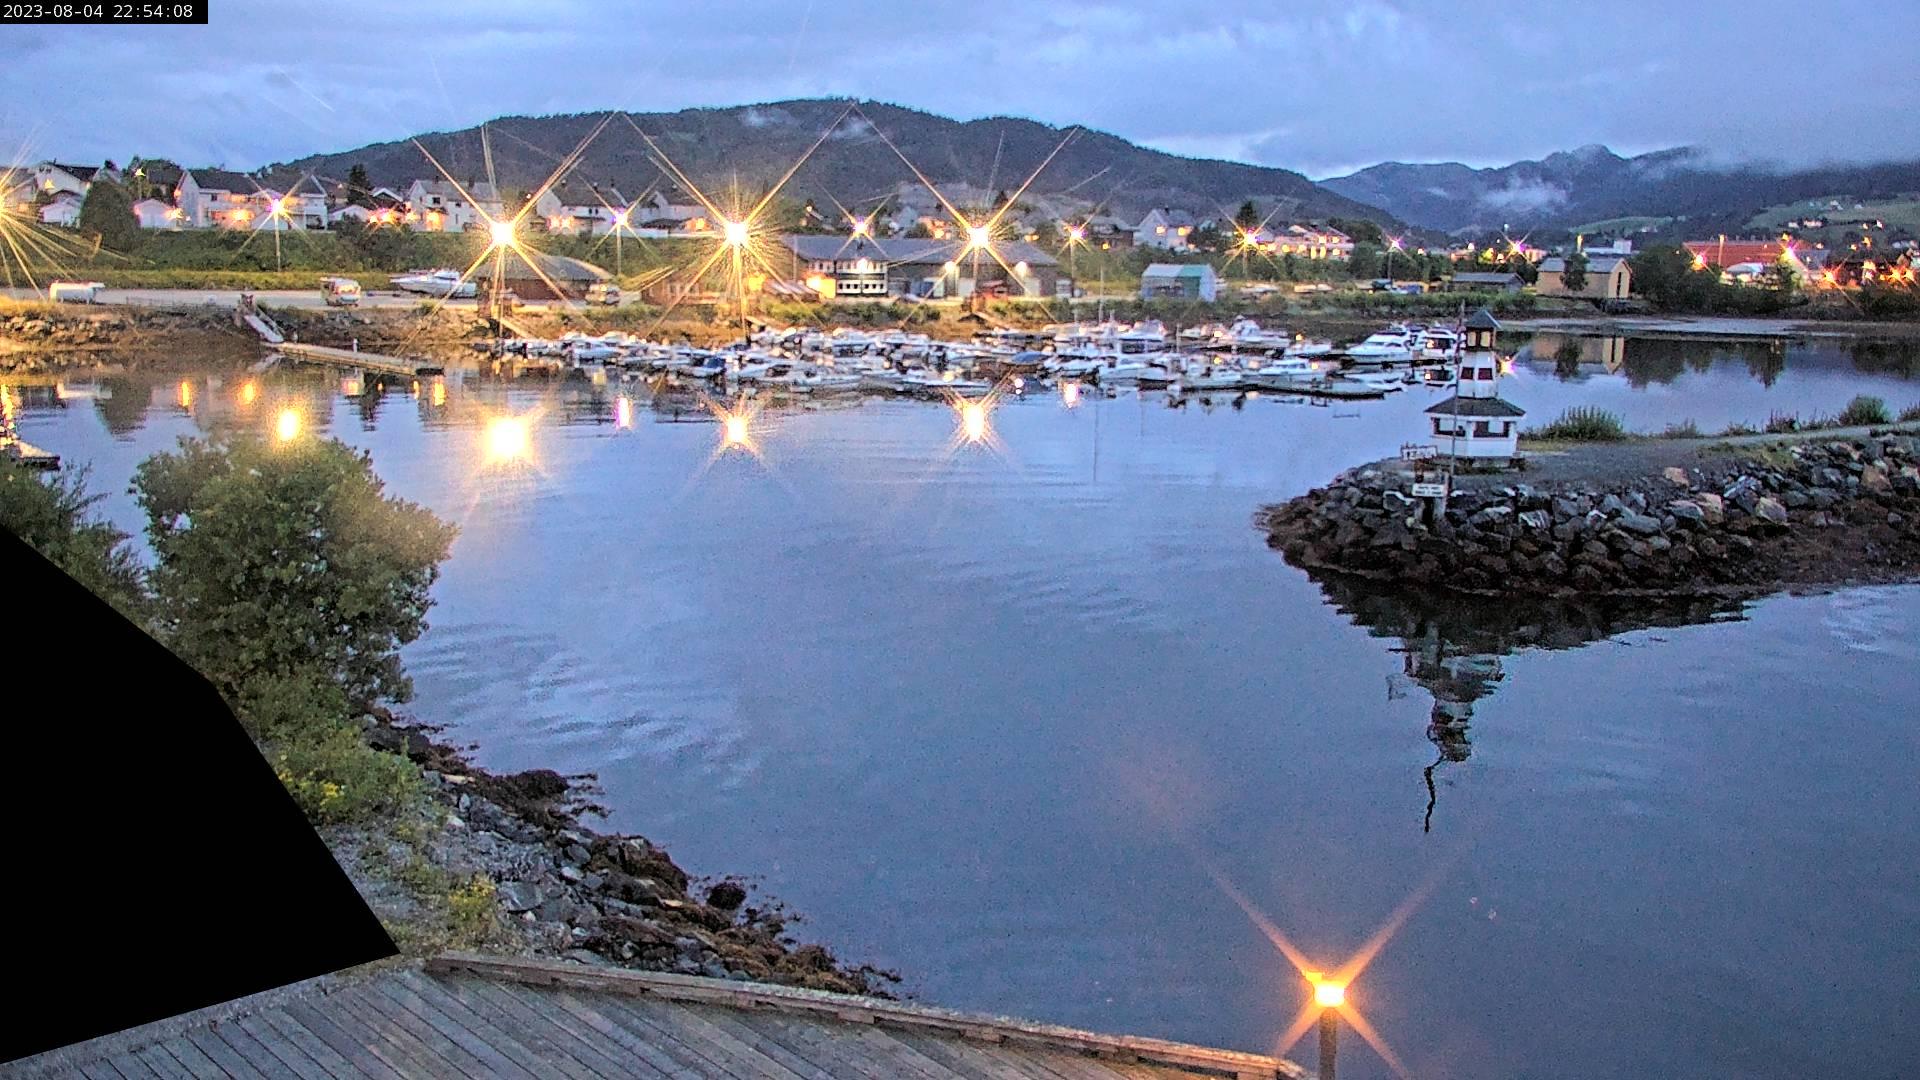 Terna småbåthavn